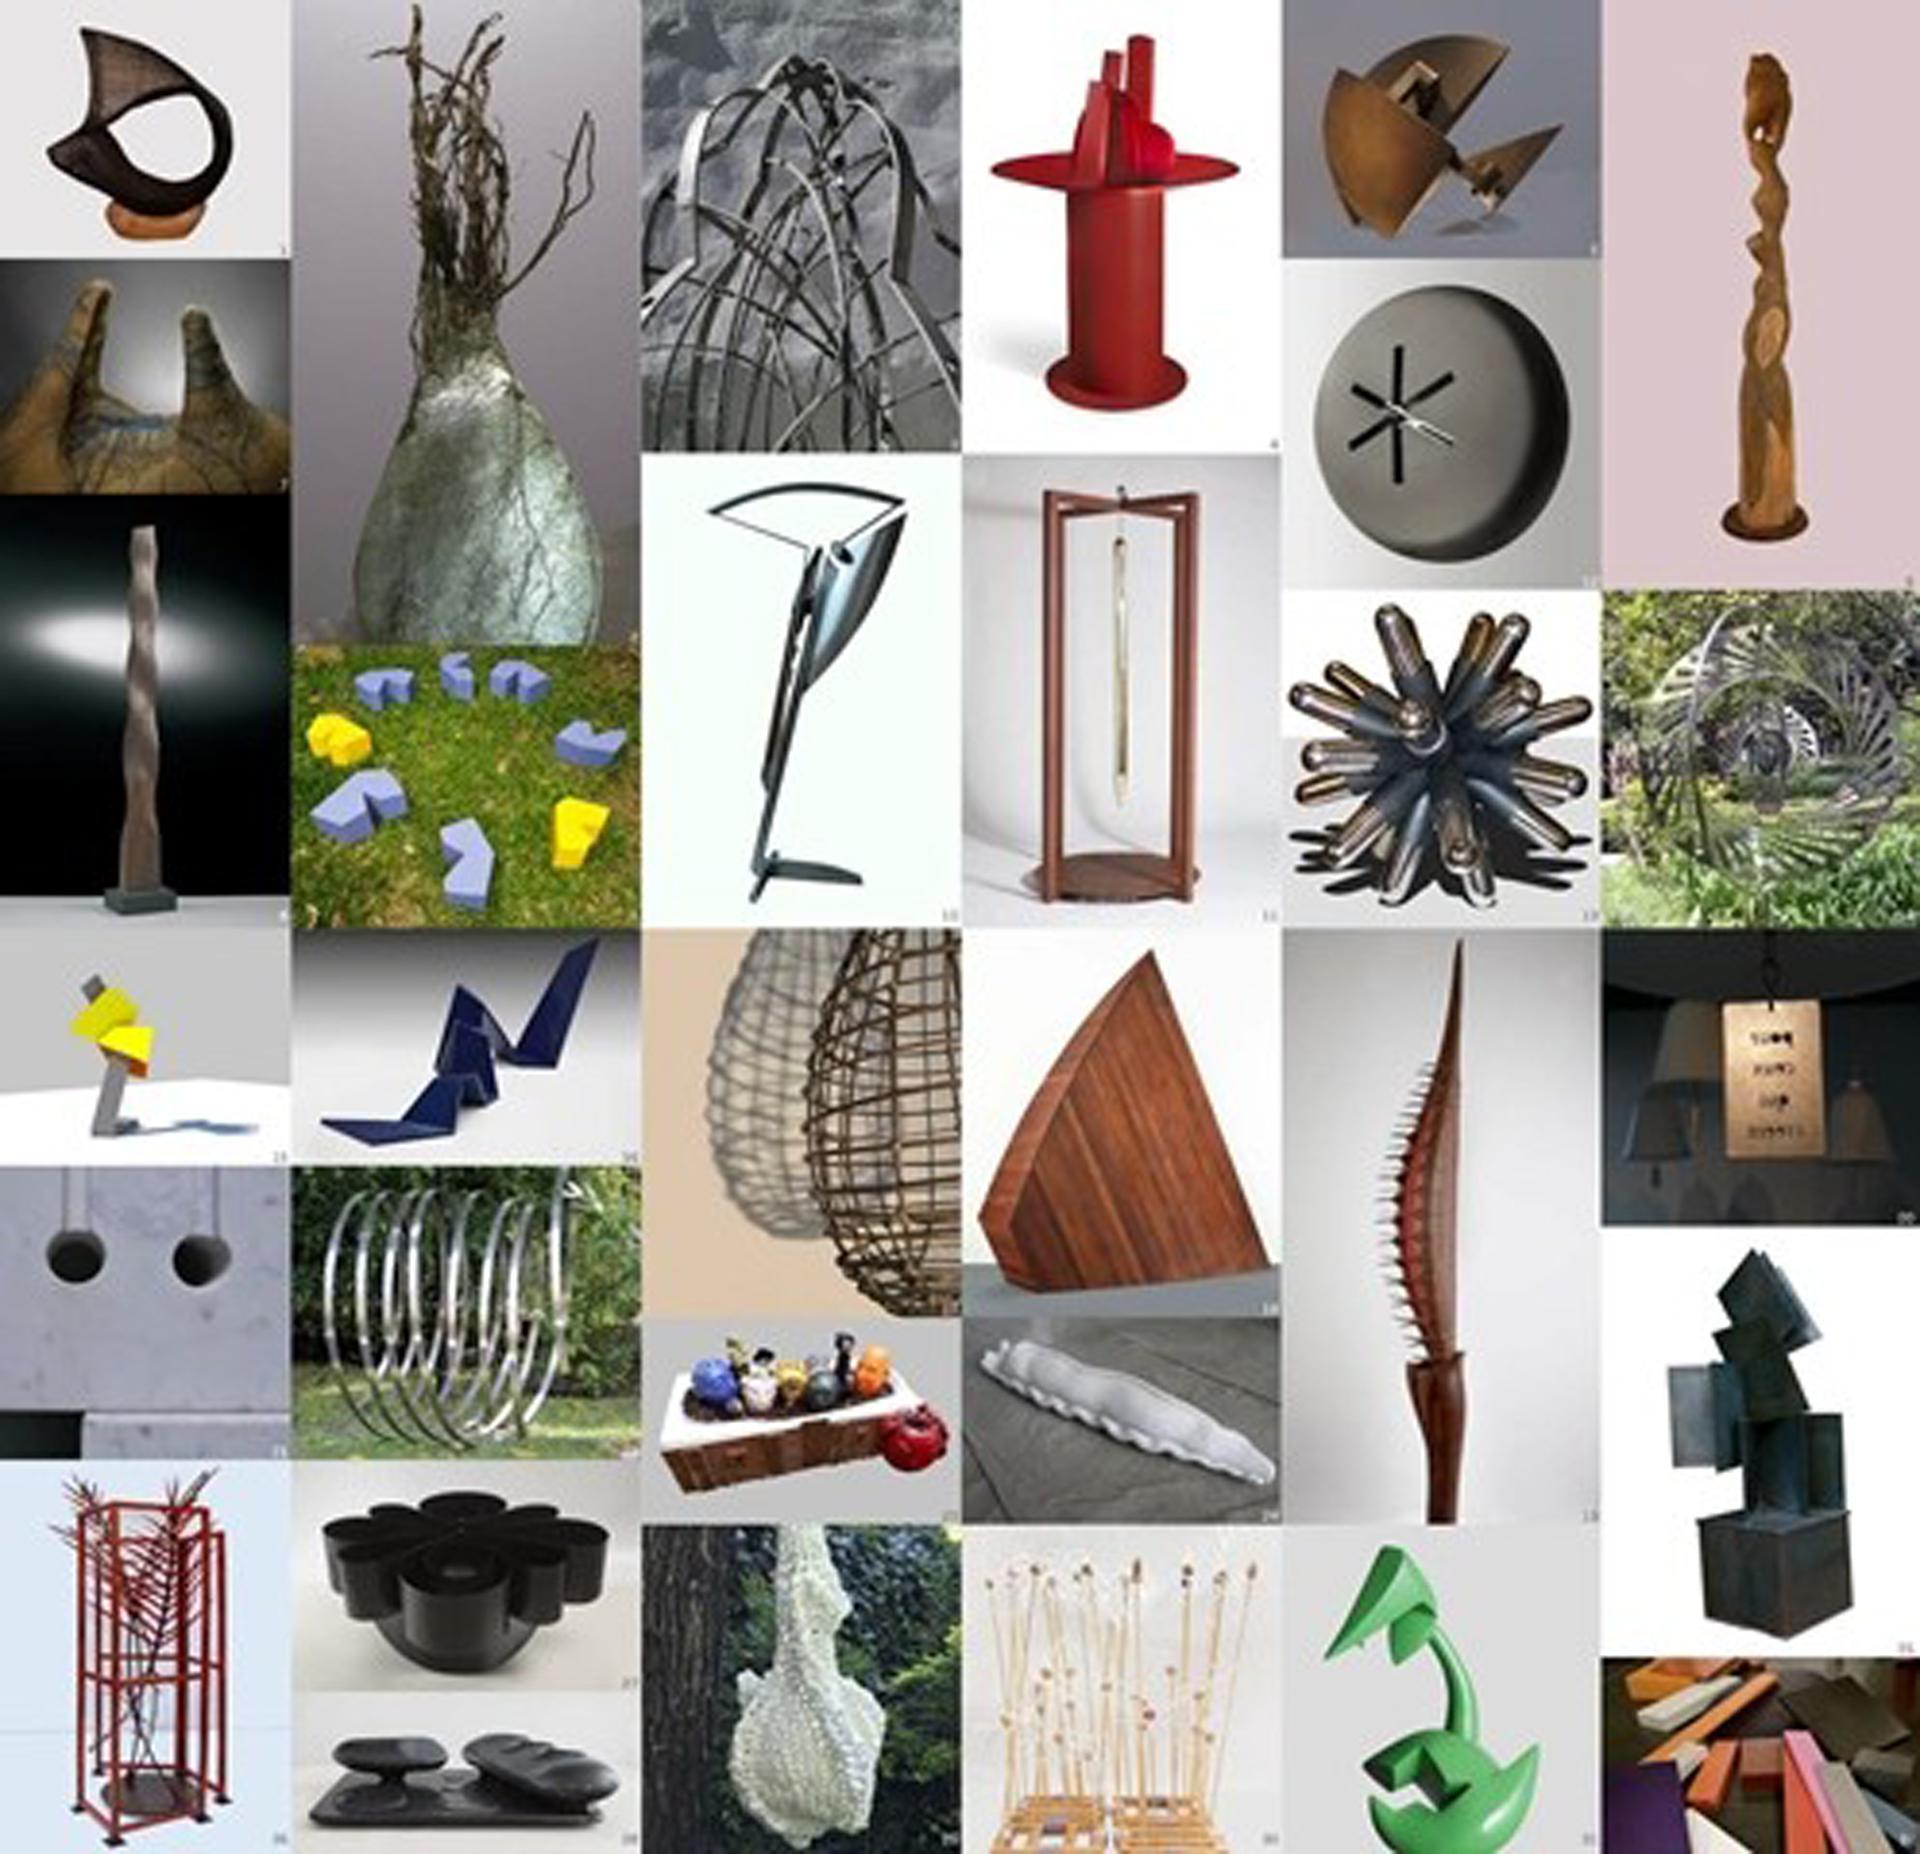 En esta ocasión 32 escultores argentinos presentarán sus obras en el marco de dicha muestra.